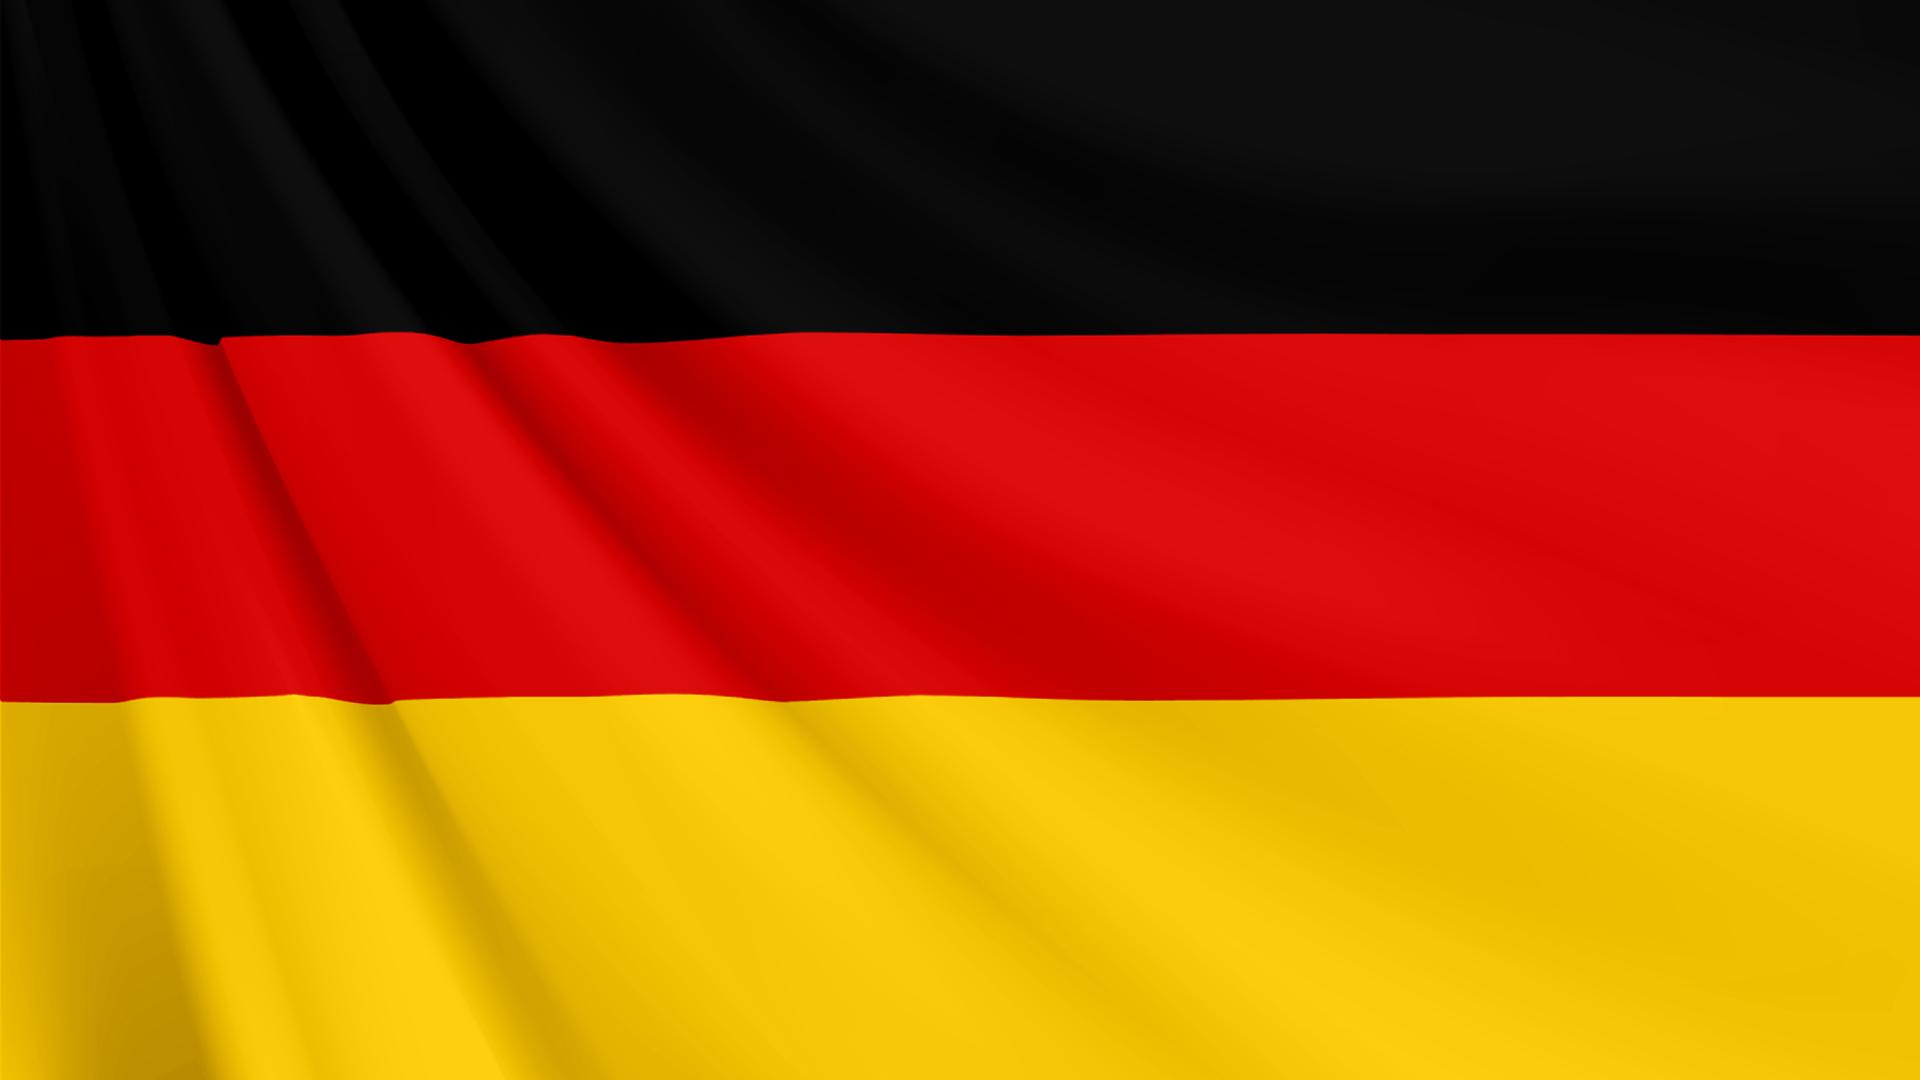 ドイツの国旗 壁紙 画像 エムズライファー